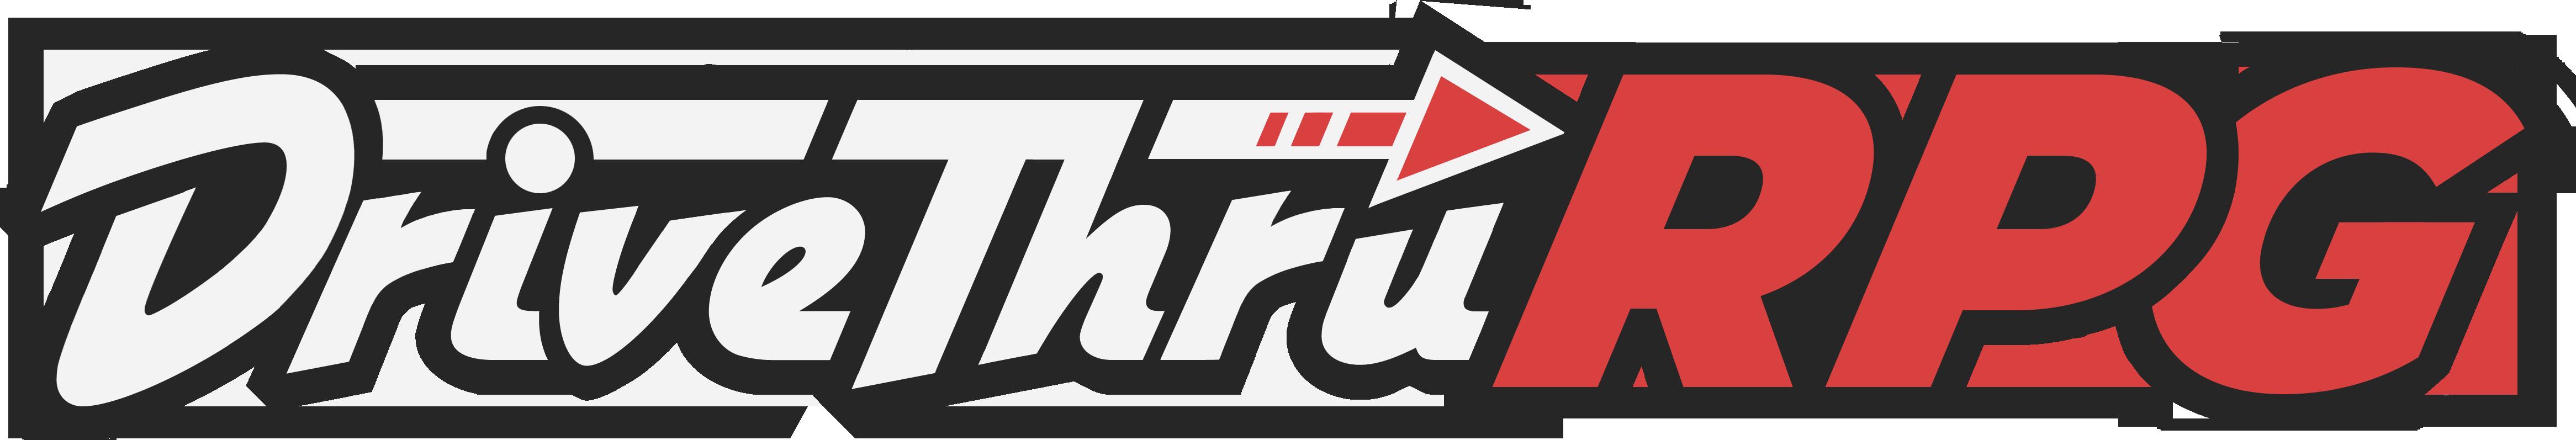 Website Logo Assets – OneBookShelf Publisher Service